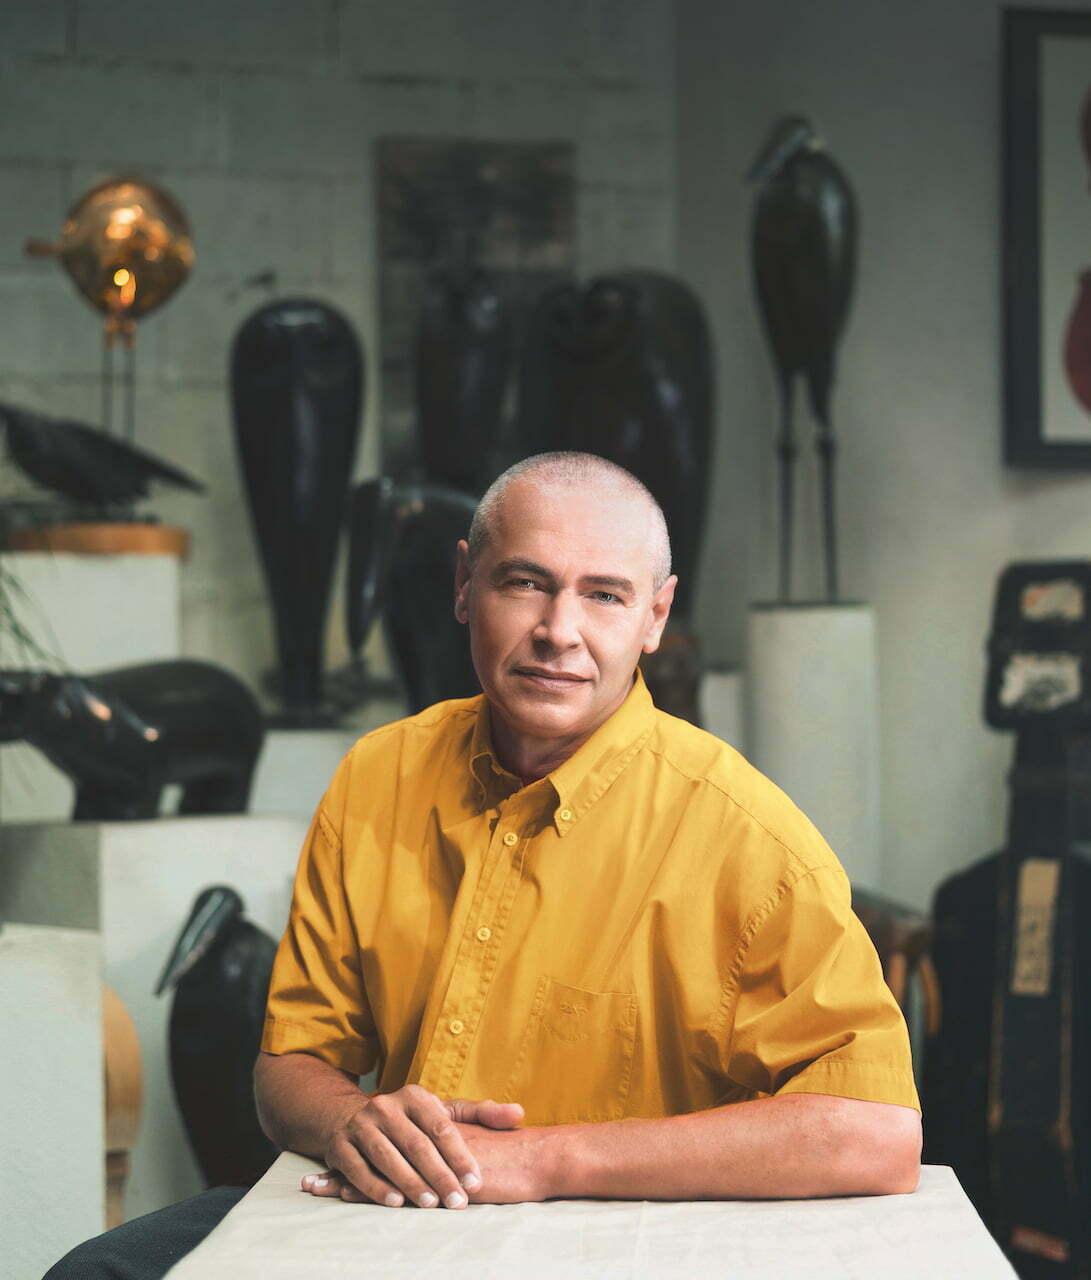 Ivo Pogorelich, (c) Bernard Martinez